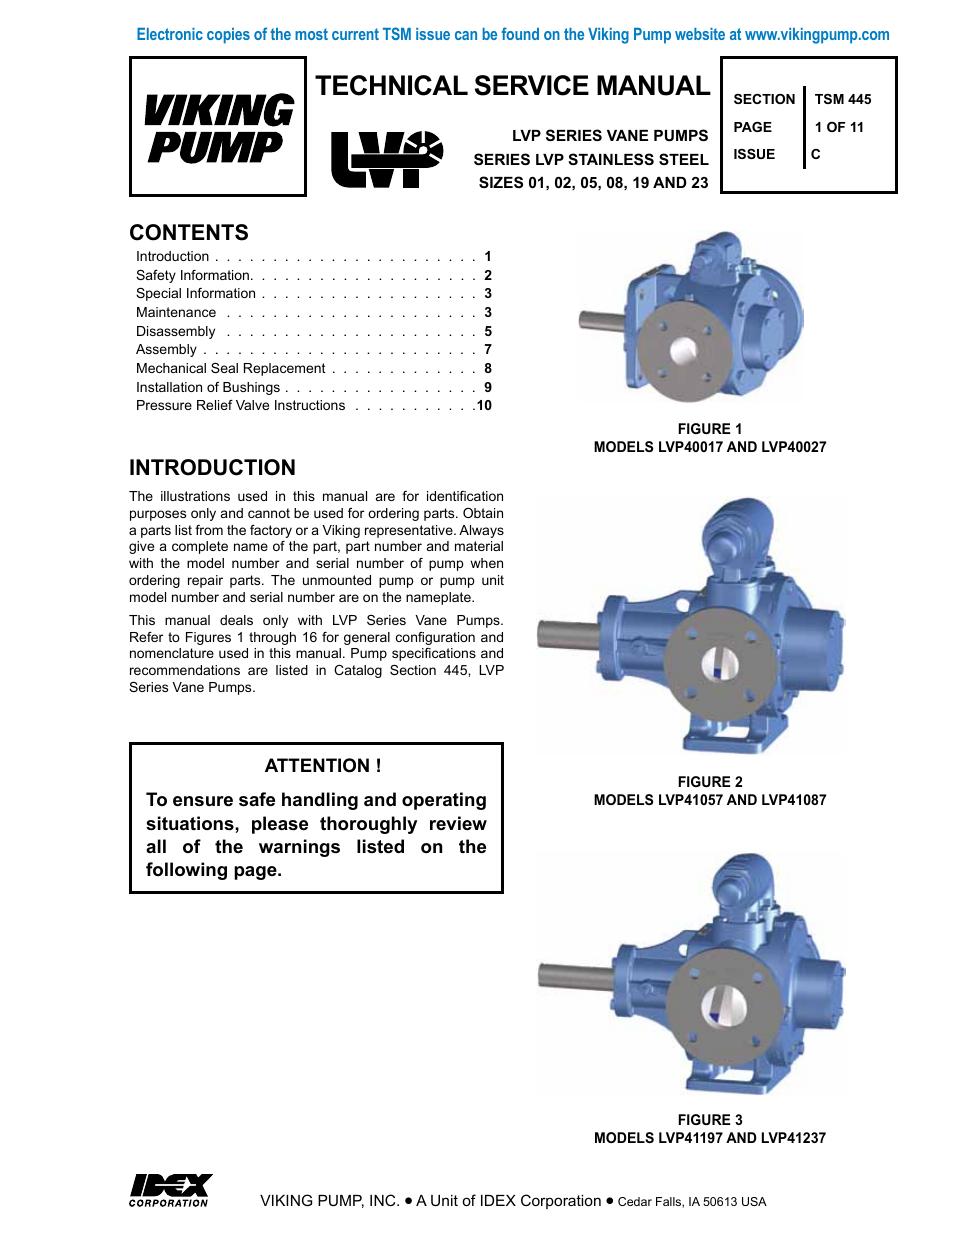 Viking Pump Tsm445 Lvp Vane Pumps User Manual 11 Pages Diagram